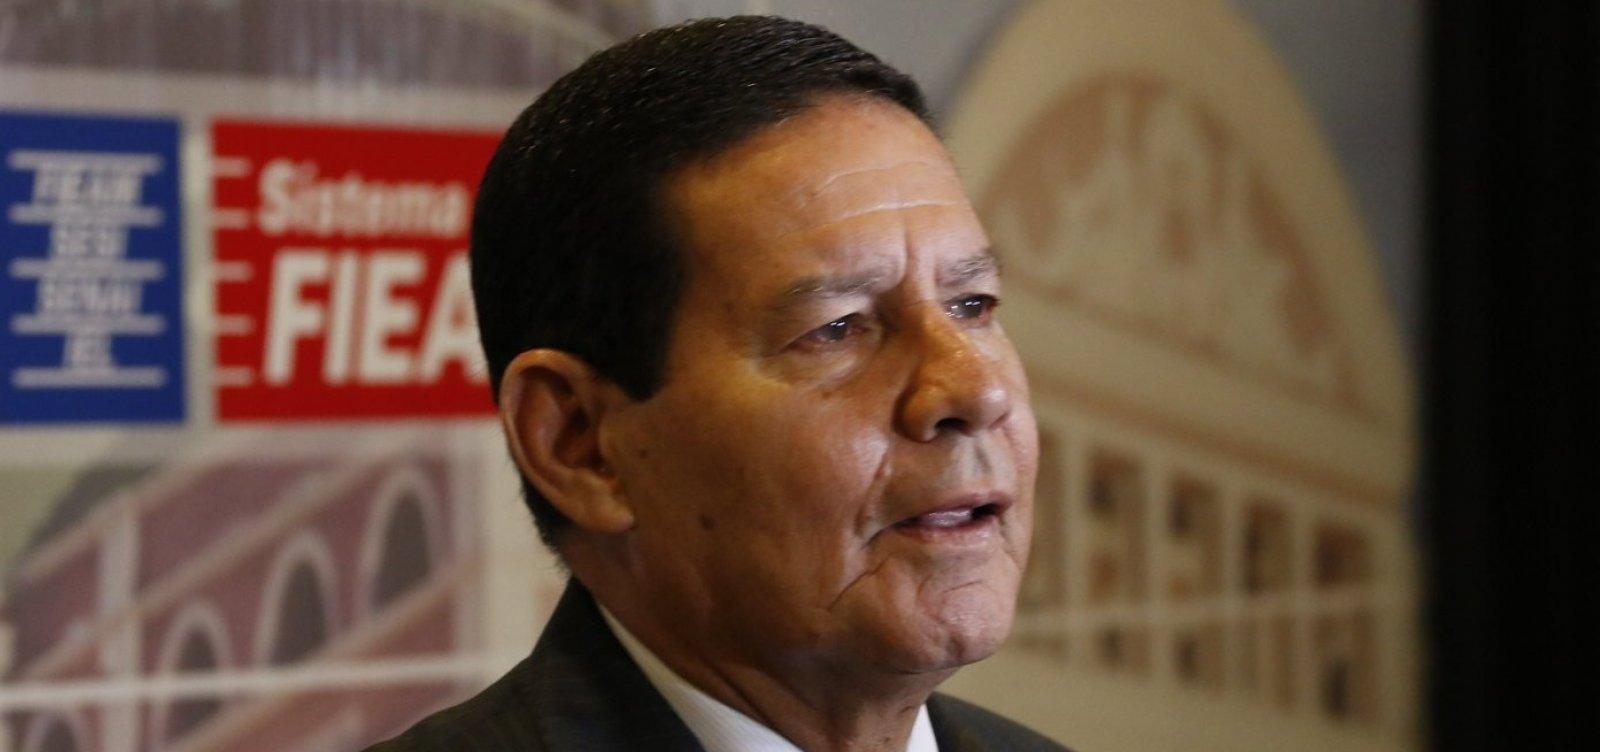 [Mourão diz que 'conta' irá para as Forças Armadas se Bolsonaro 'errar demais']